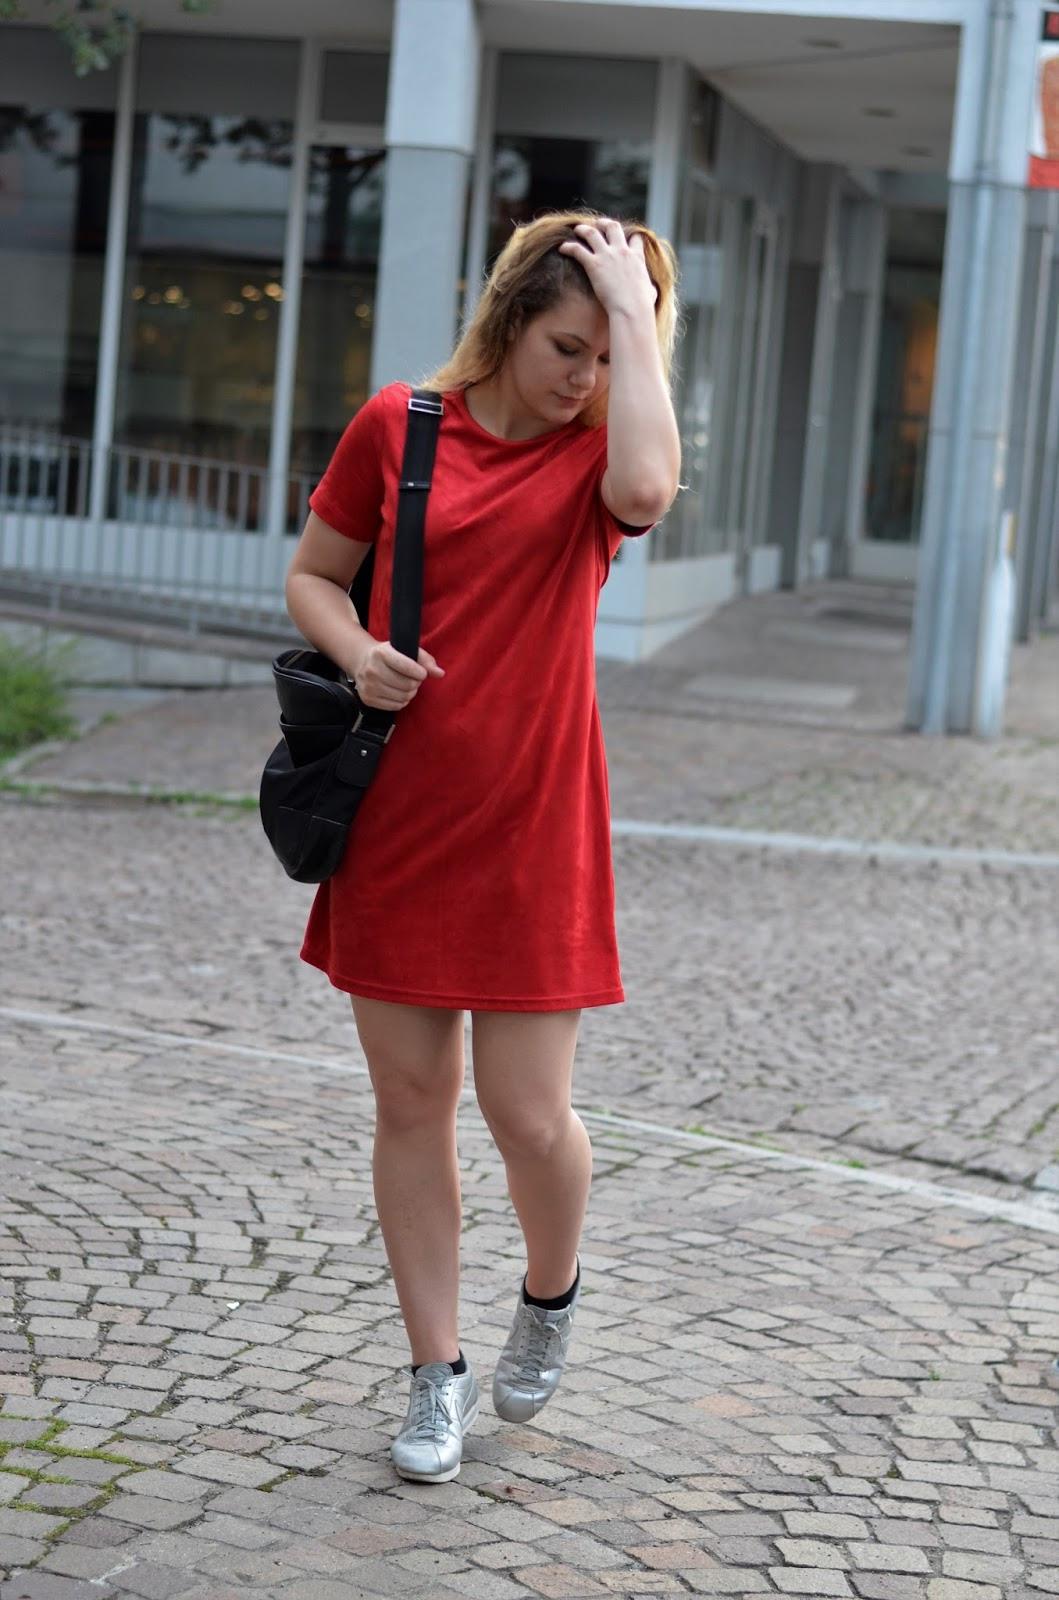 Designer Großartig Zara Kleider Abend Ärmel13 Luxurius Zara Kleider Abend Design